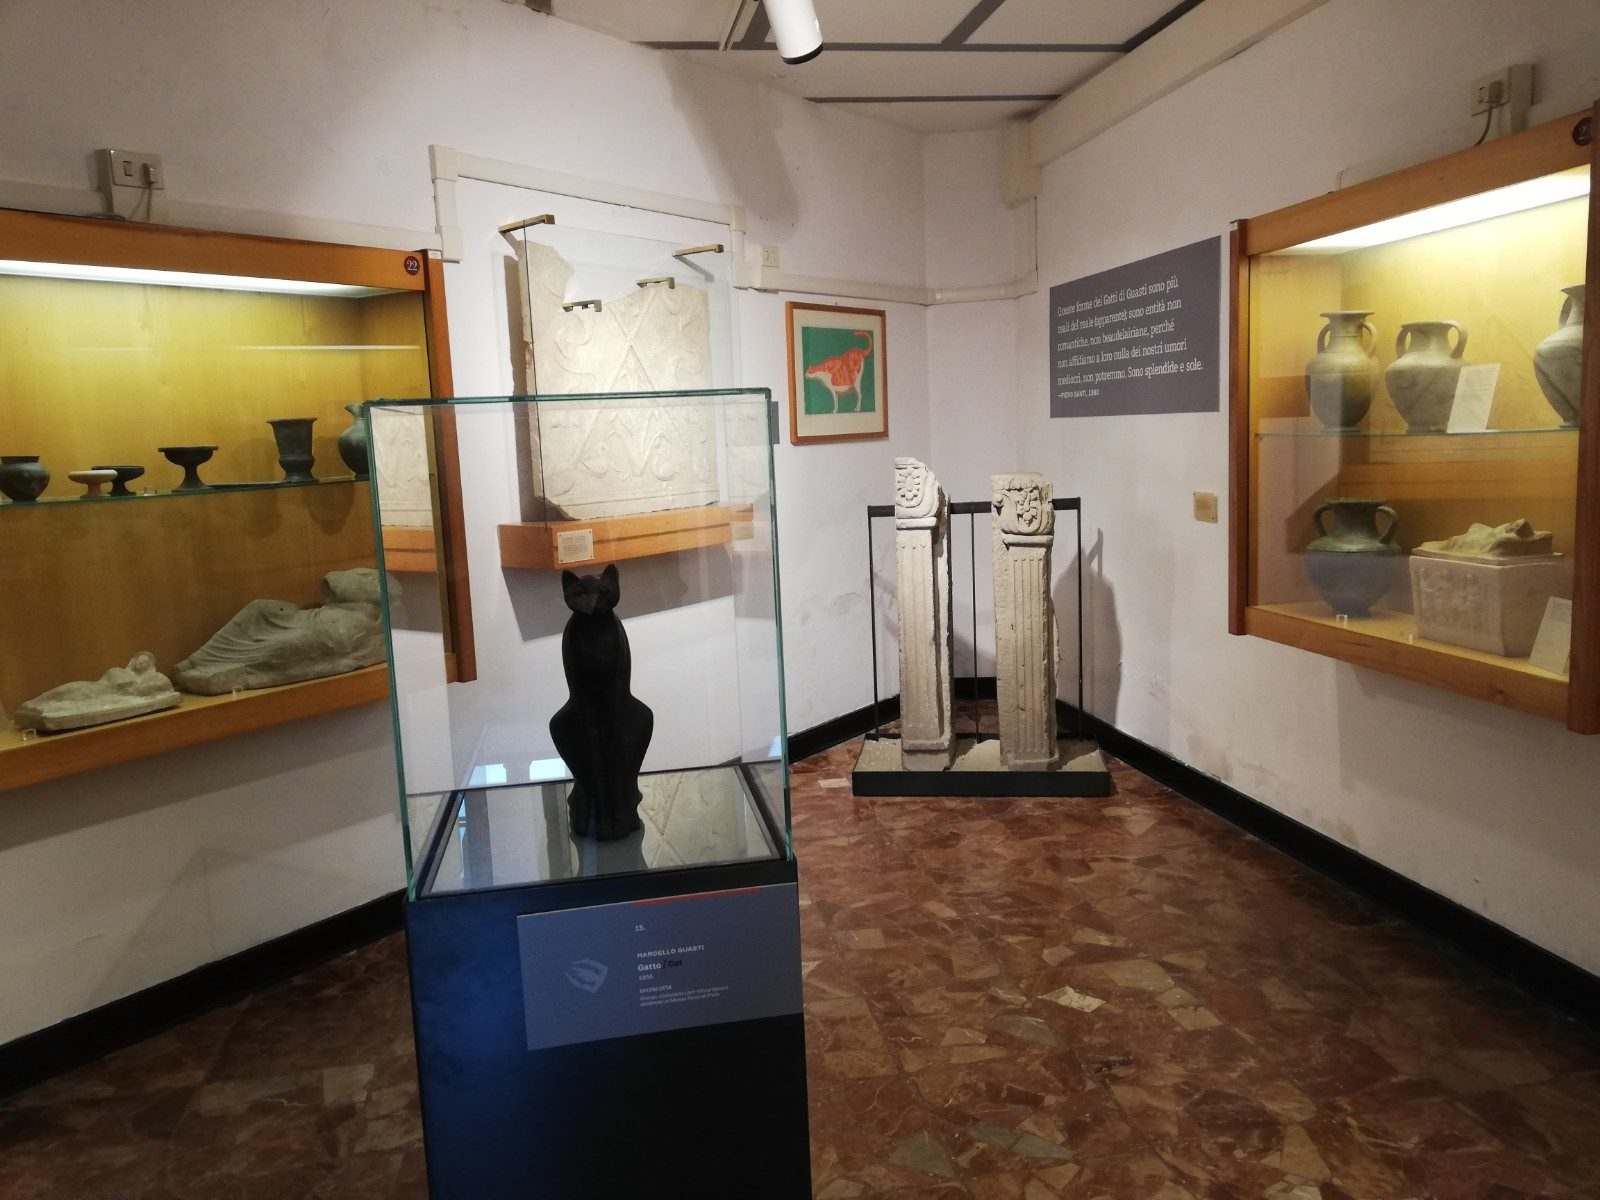 Il Gatto in terracotta di Marcello Guasti dialoga alla perfezione con i reperti antichi del Museo Archeologico